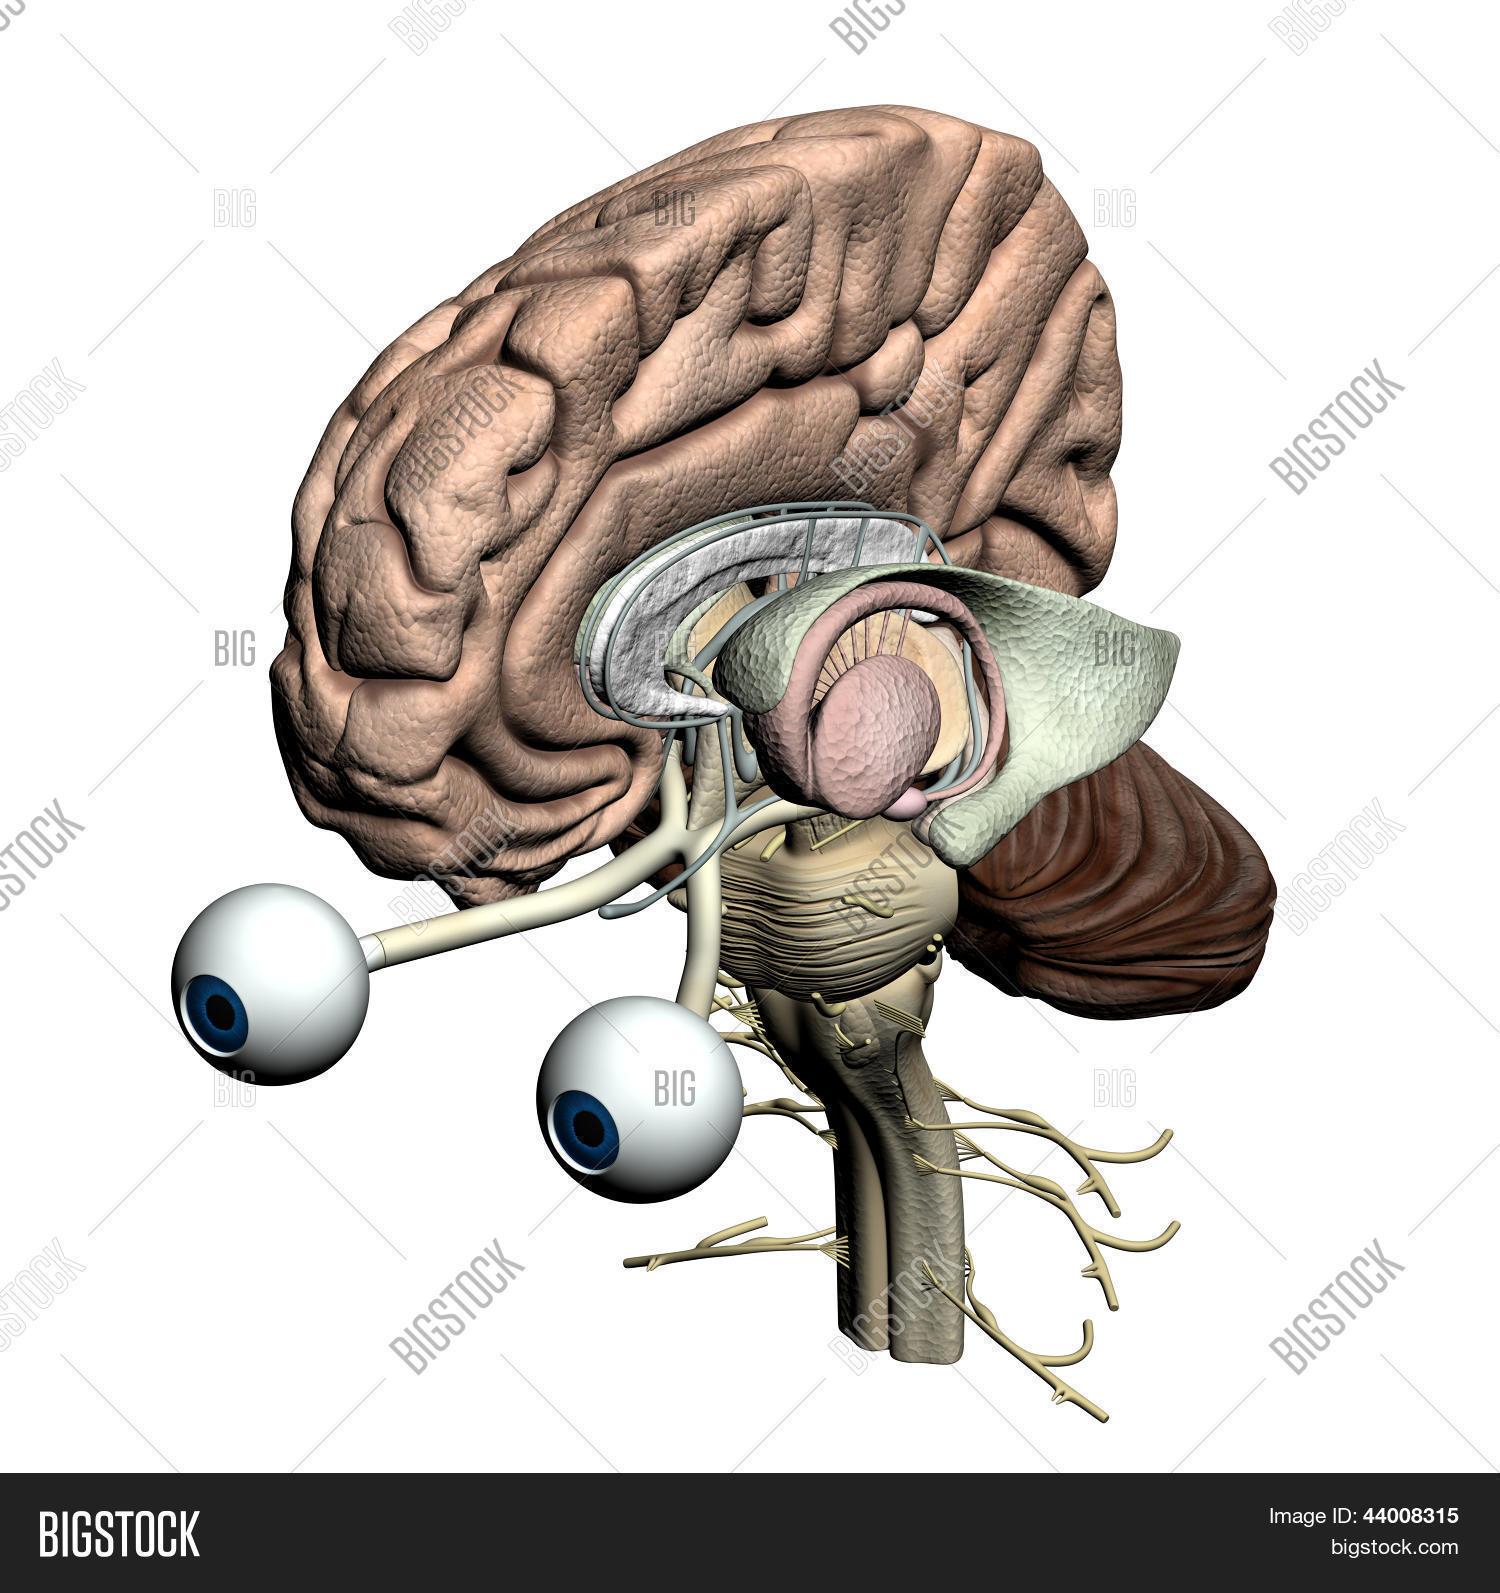 Imagen y foto Partes De Cerebro (prueba gratis) | Bigstock